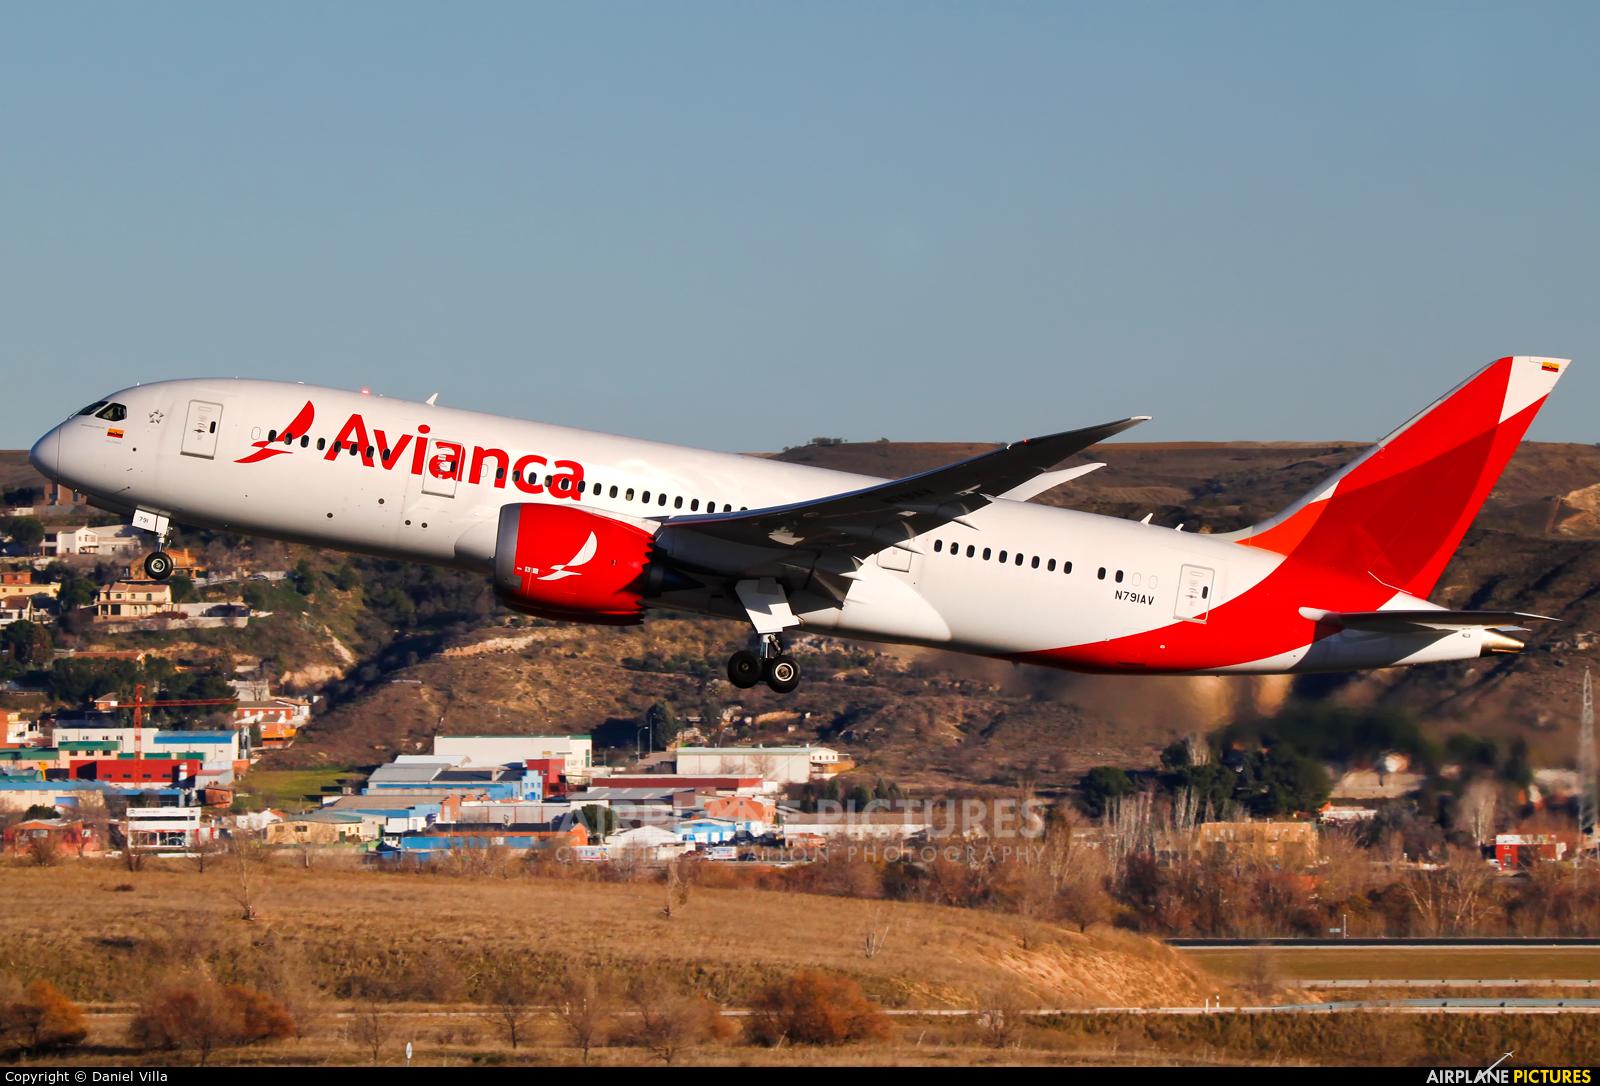 Avianca N791AV aircraft at Madrid - Barajas